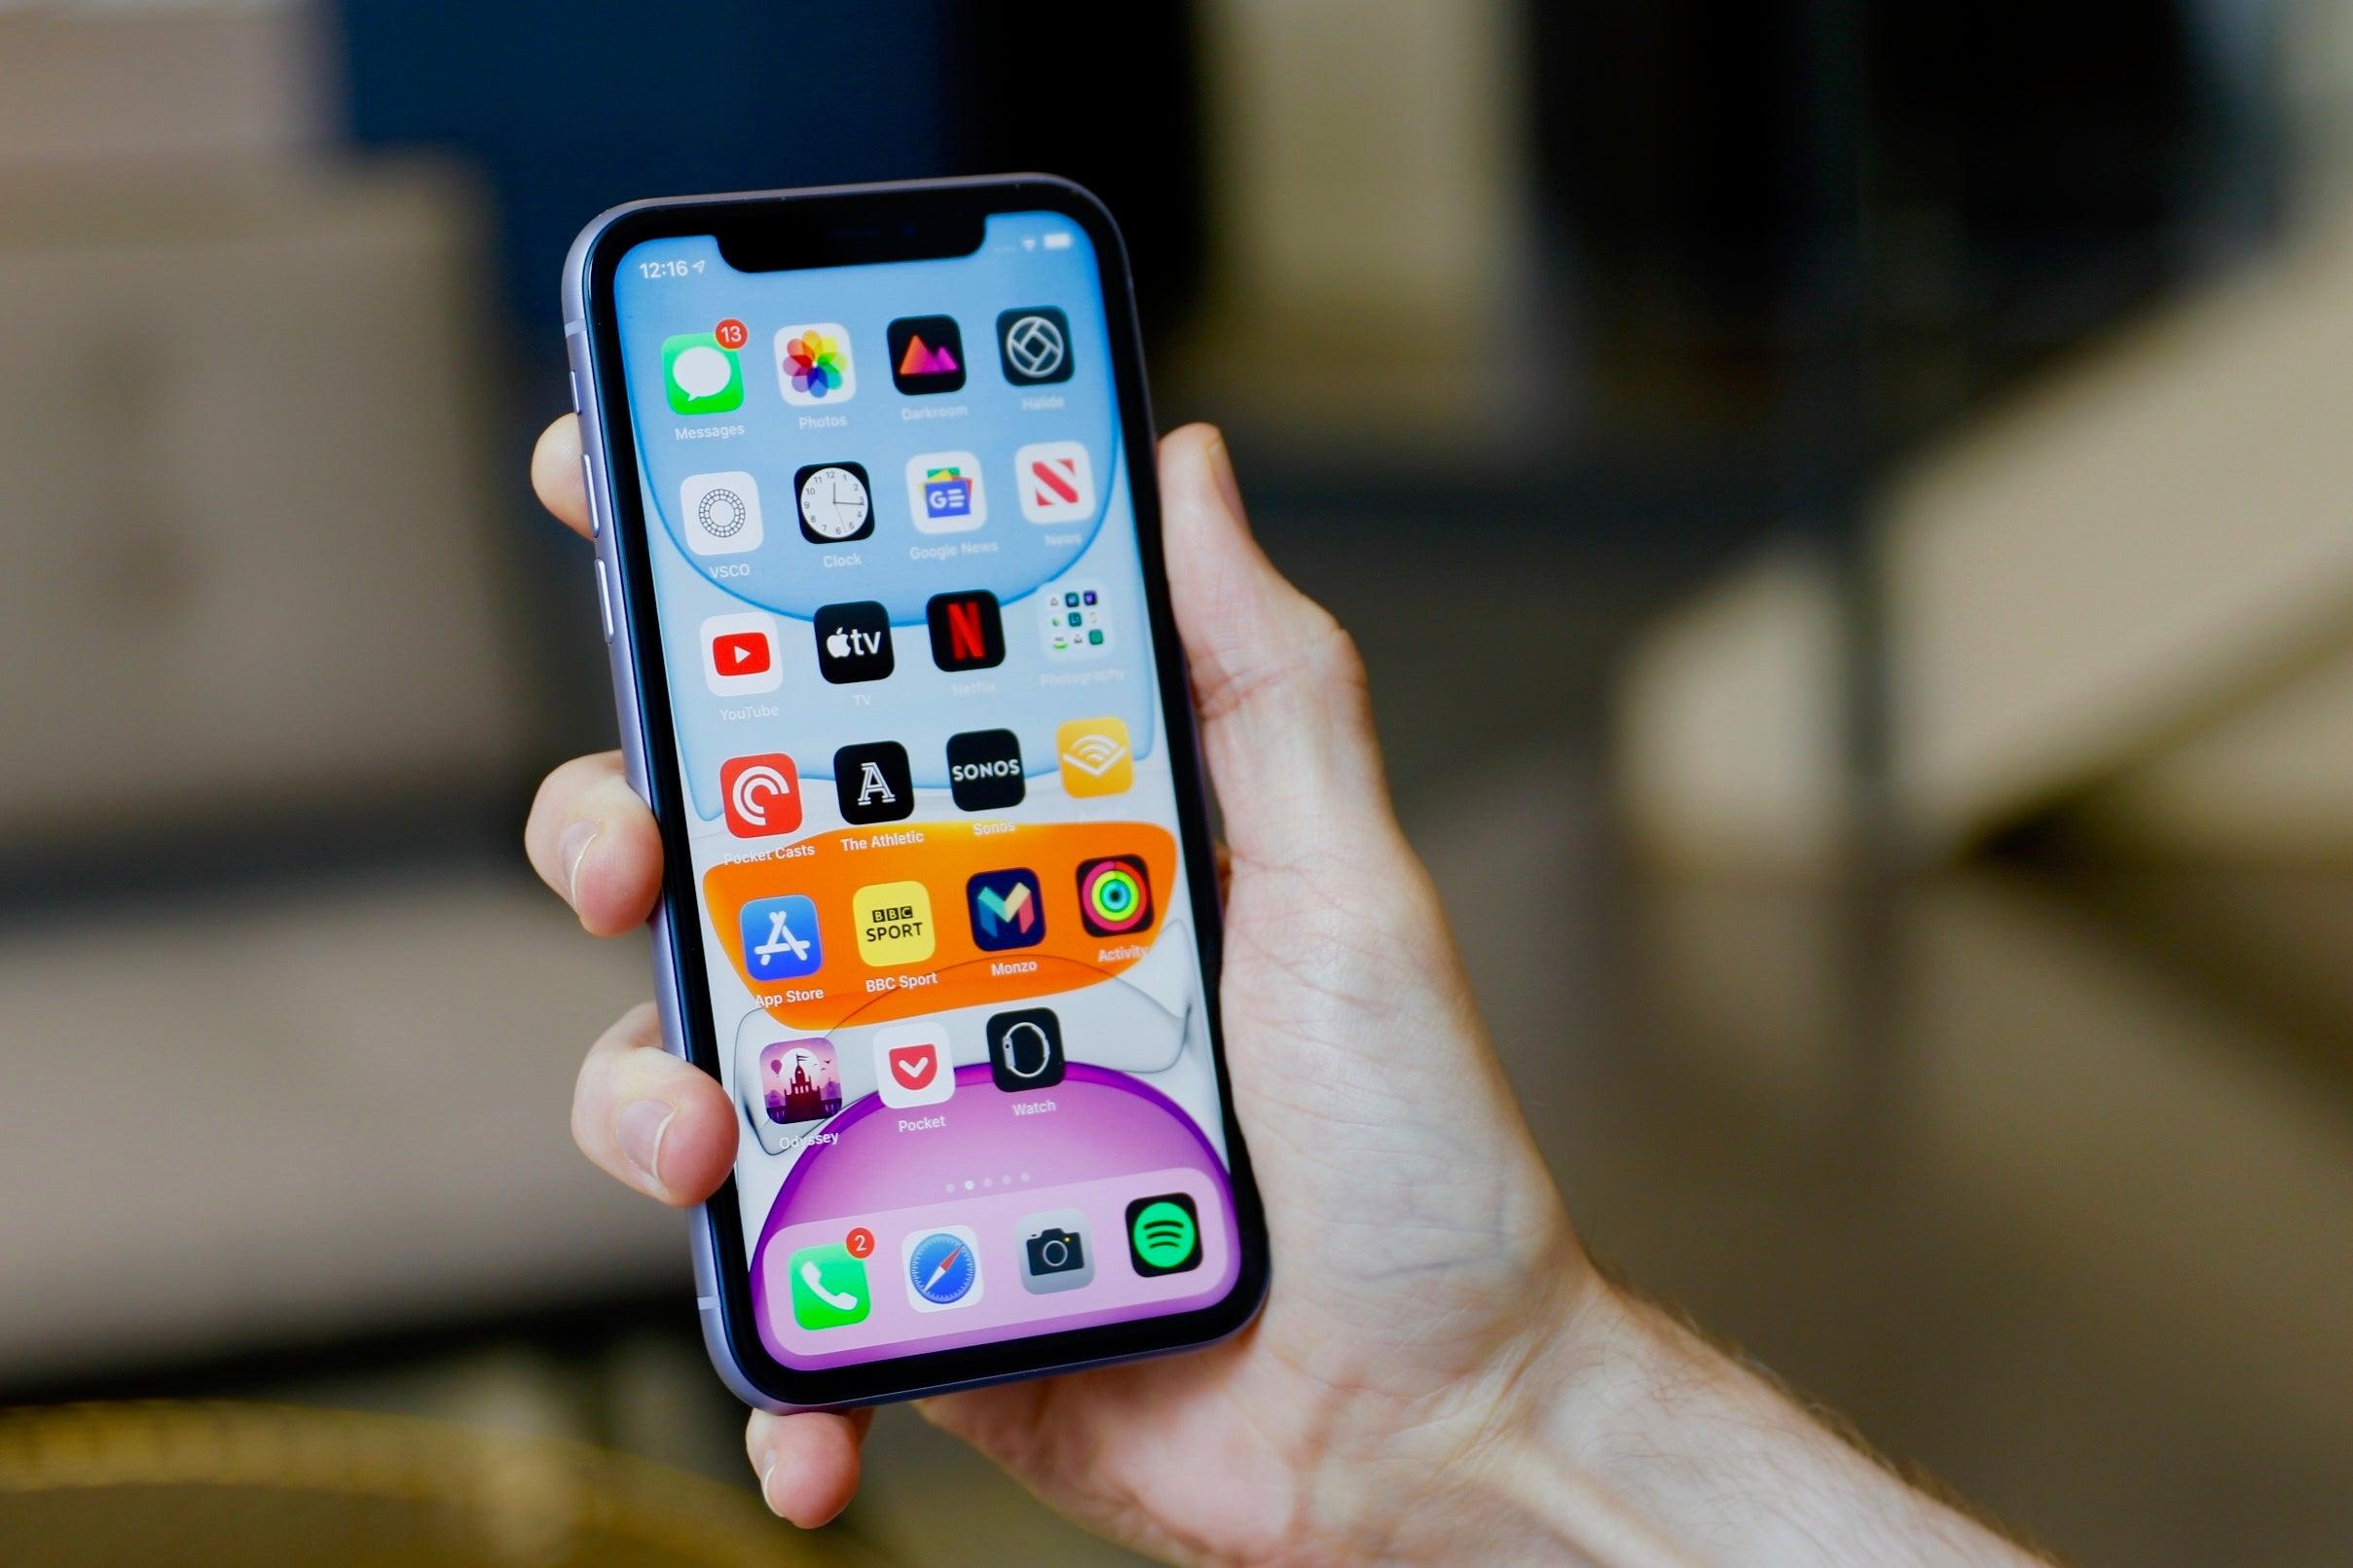 Mẫu iPhone đang rất hot do iPhone 13 ra mắt khiến giá giảm cực mạnh - 1